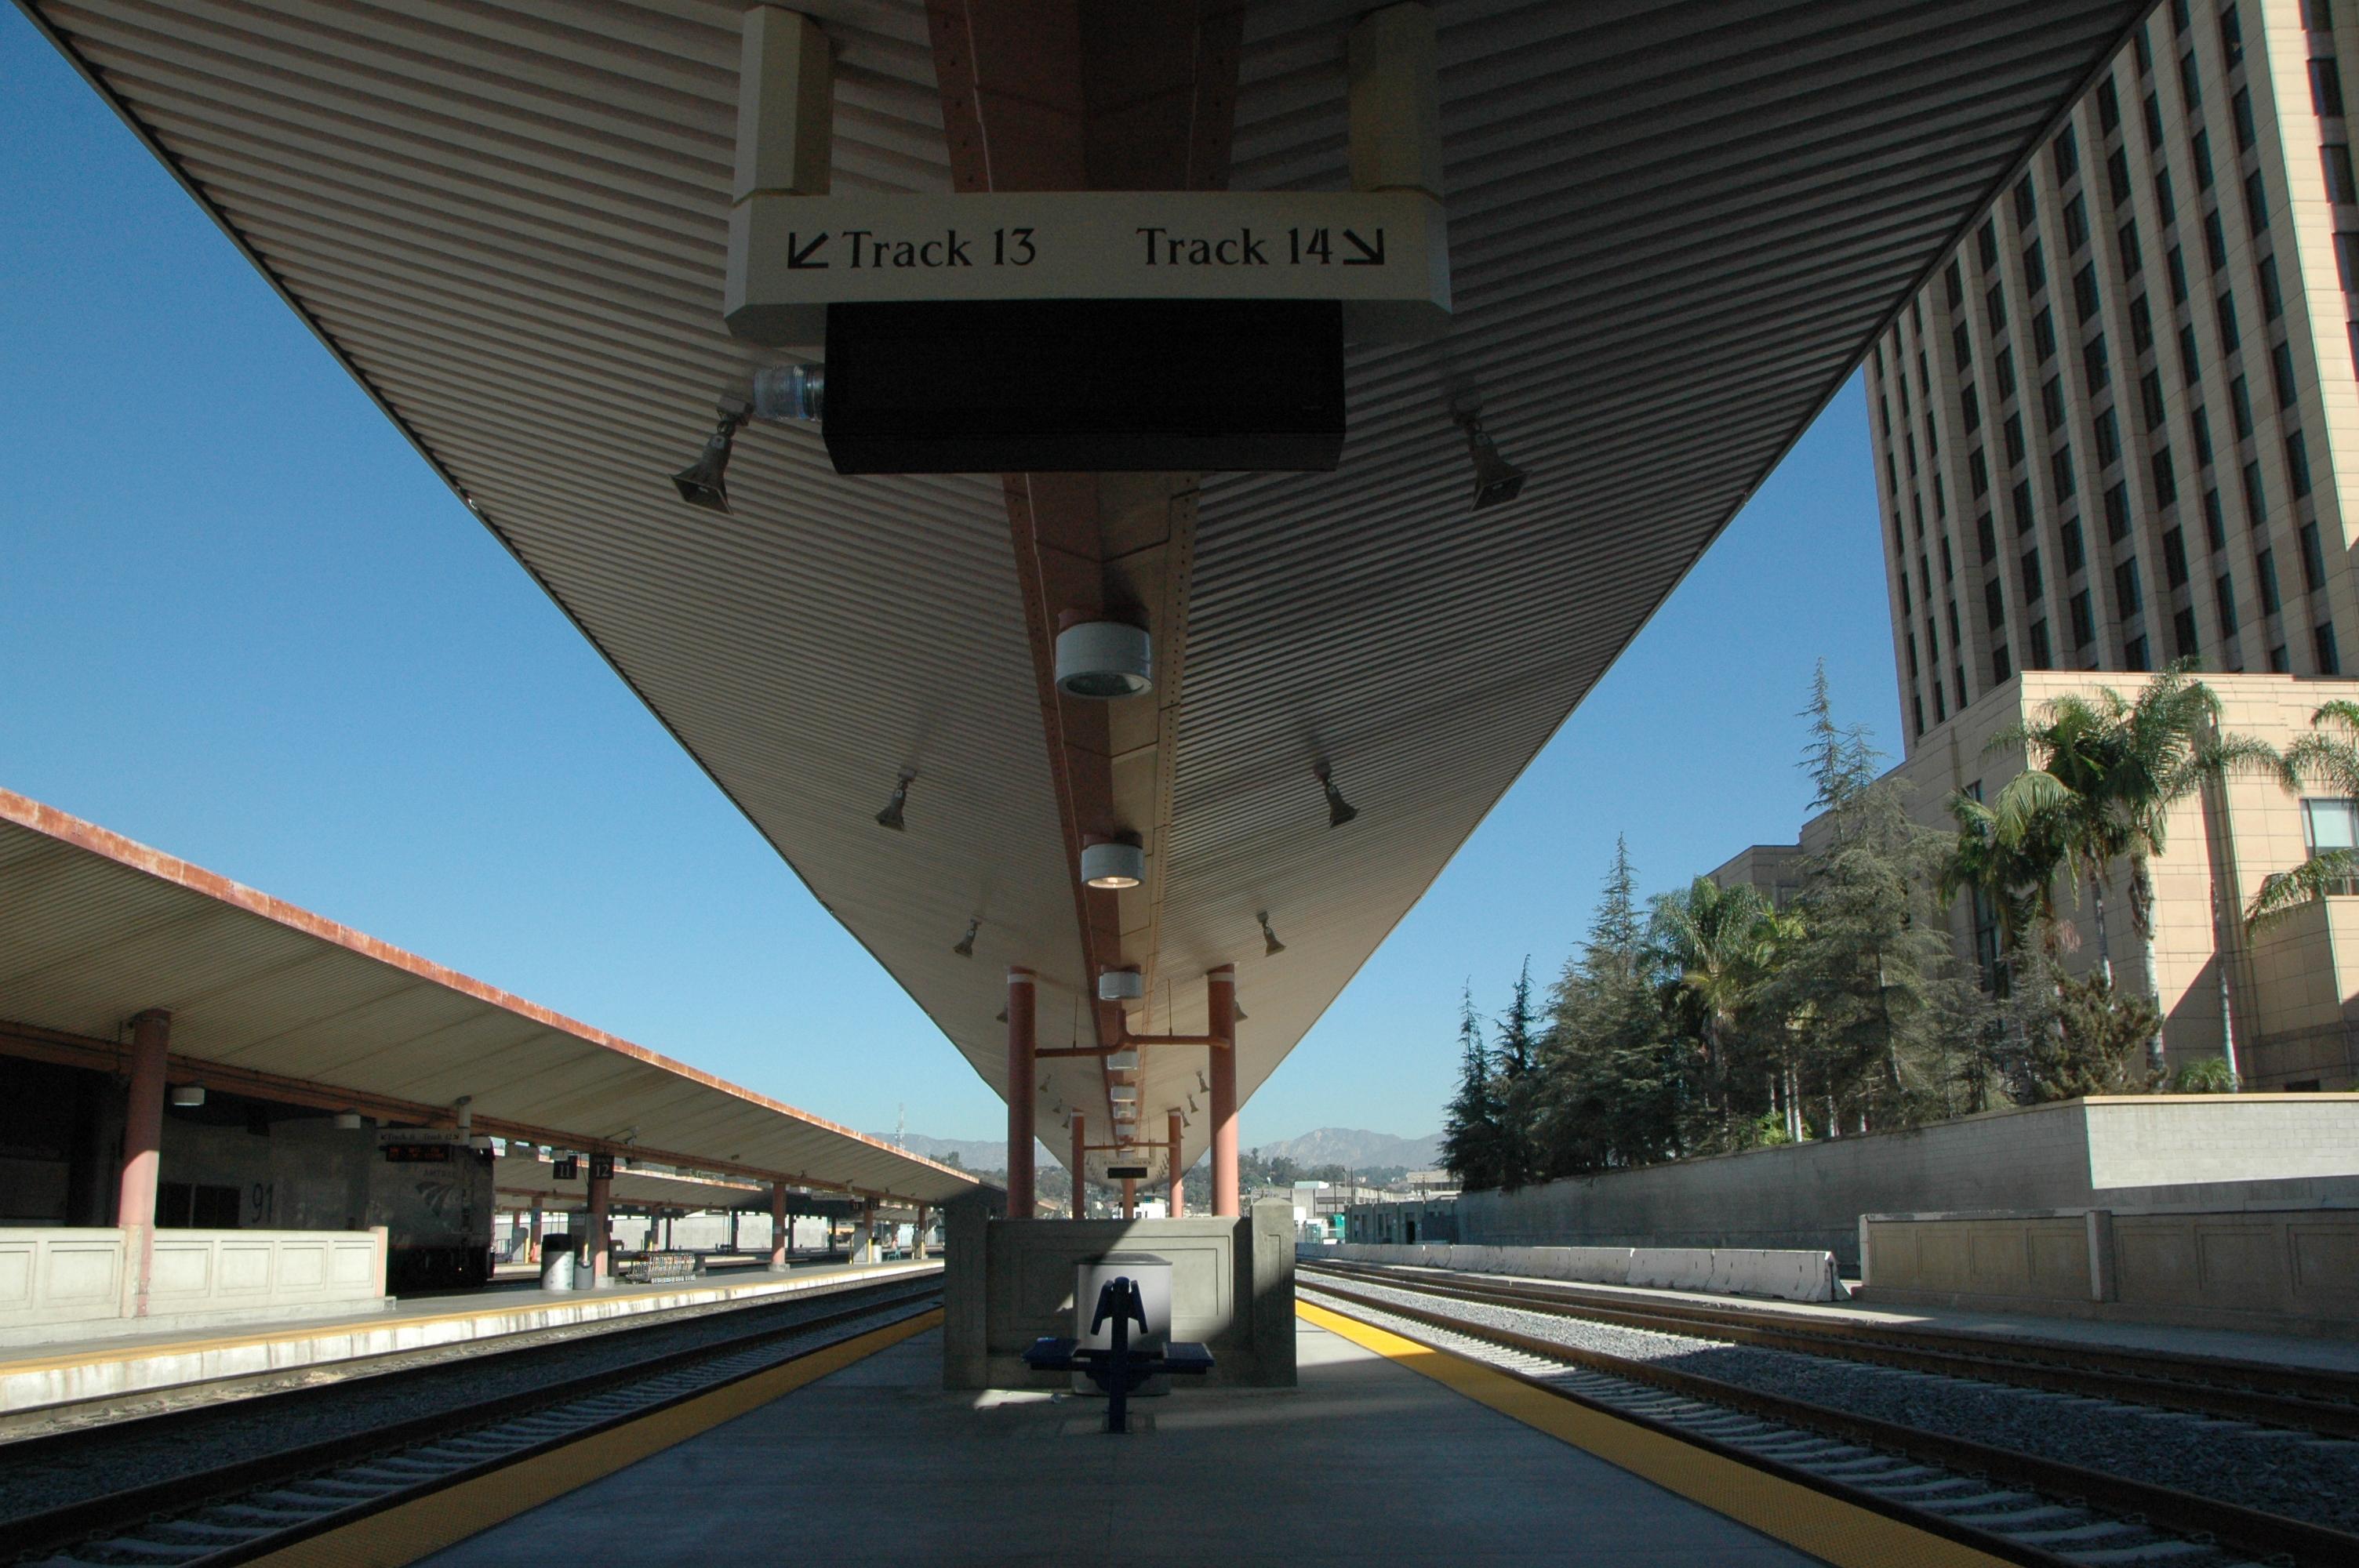 Otro aspecto de la plataforma 13 y 14 en Union Station. (Foto José Ubaldo/El Pasajero).